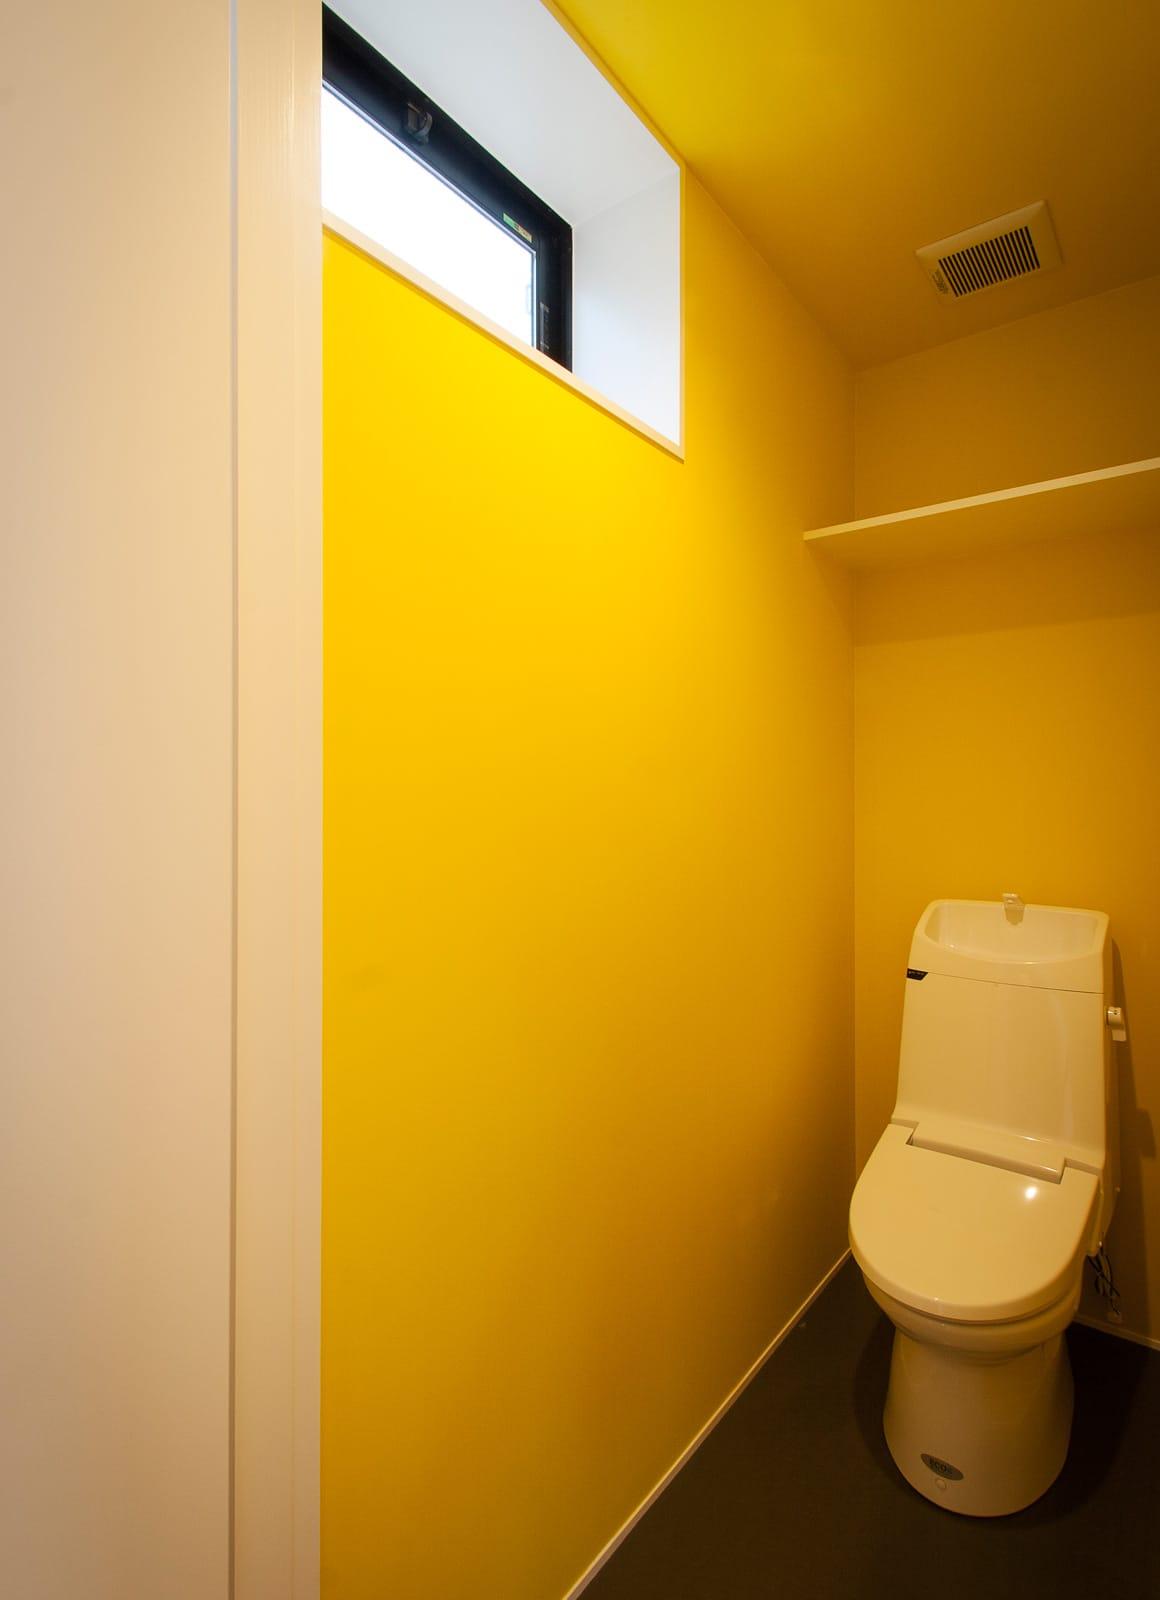 展望バルコニーのある家のトイレ1